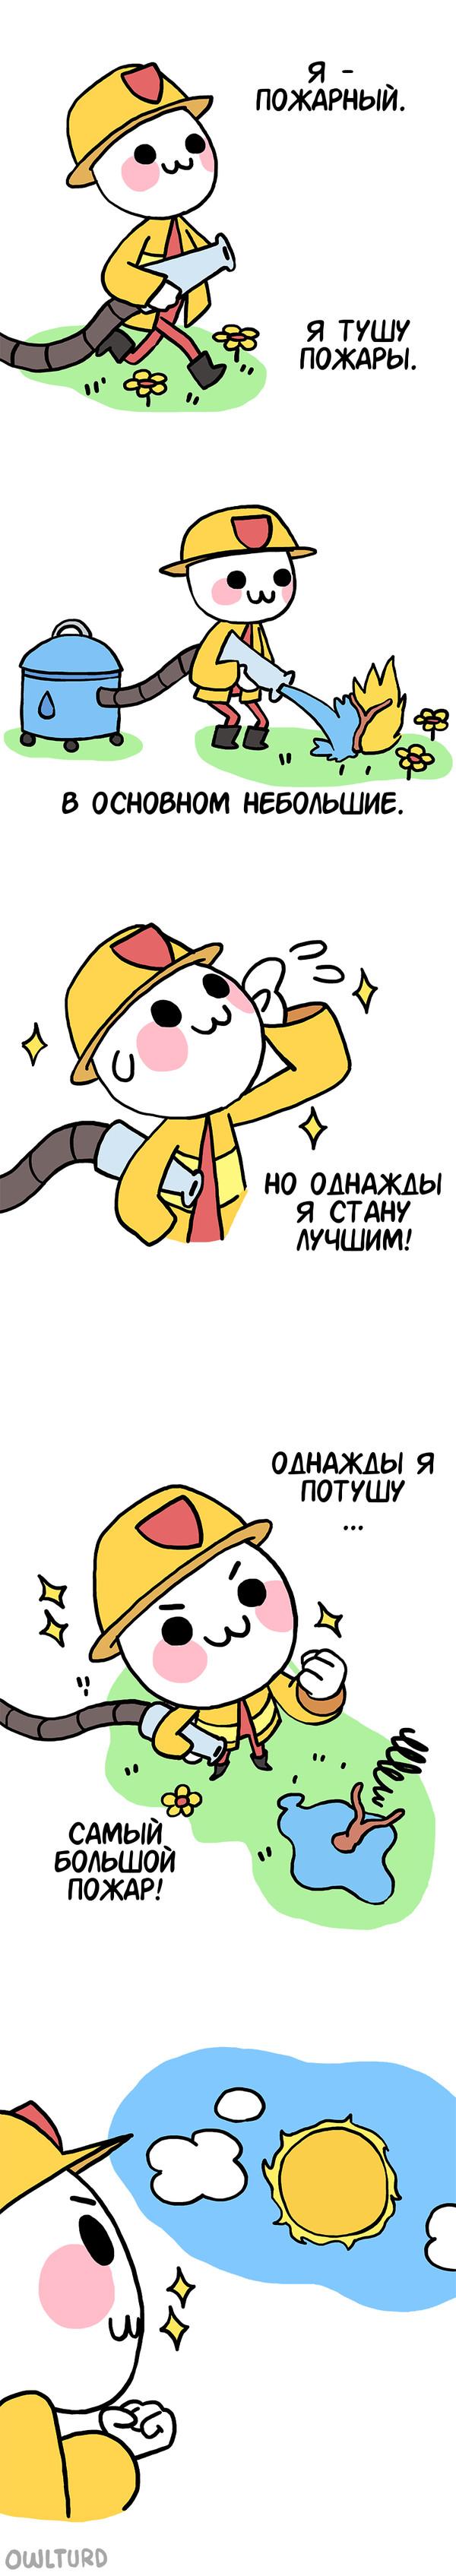 Пожарный. owlturd, Комиксы, пожарный, солнце, пожар, мечта, длиннопост